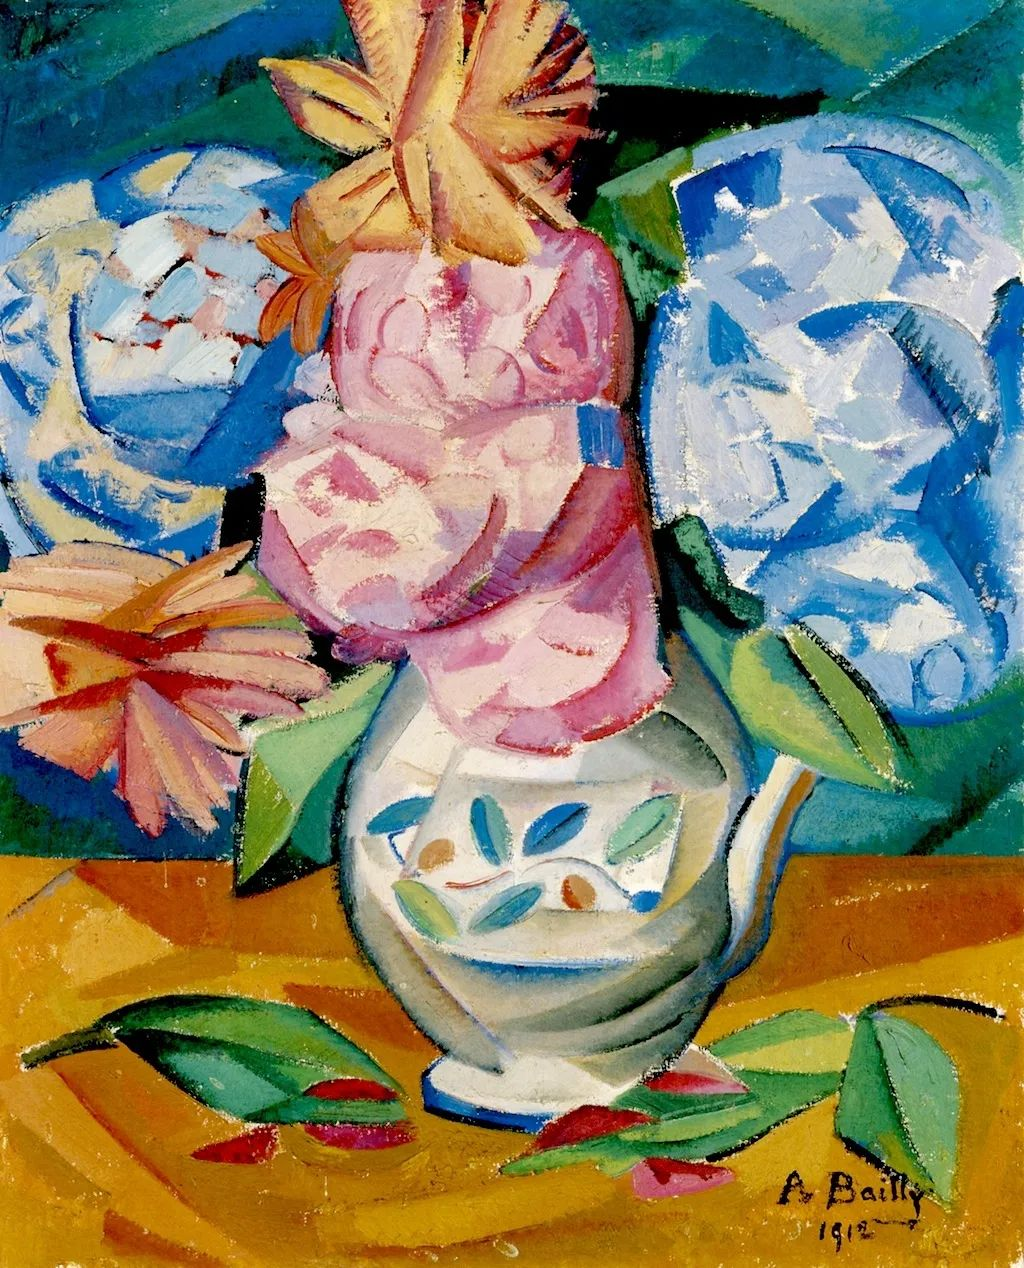 强烈的色彩和粗犷的线条,瑞士先锋派女画家艾丽丝·贝利!插图13